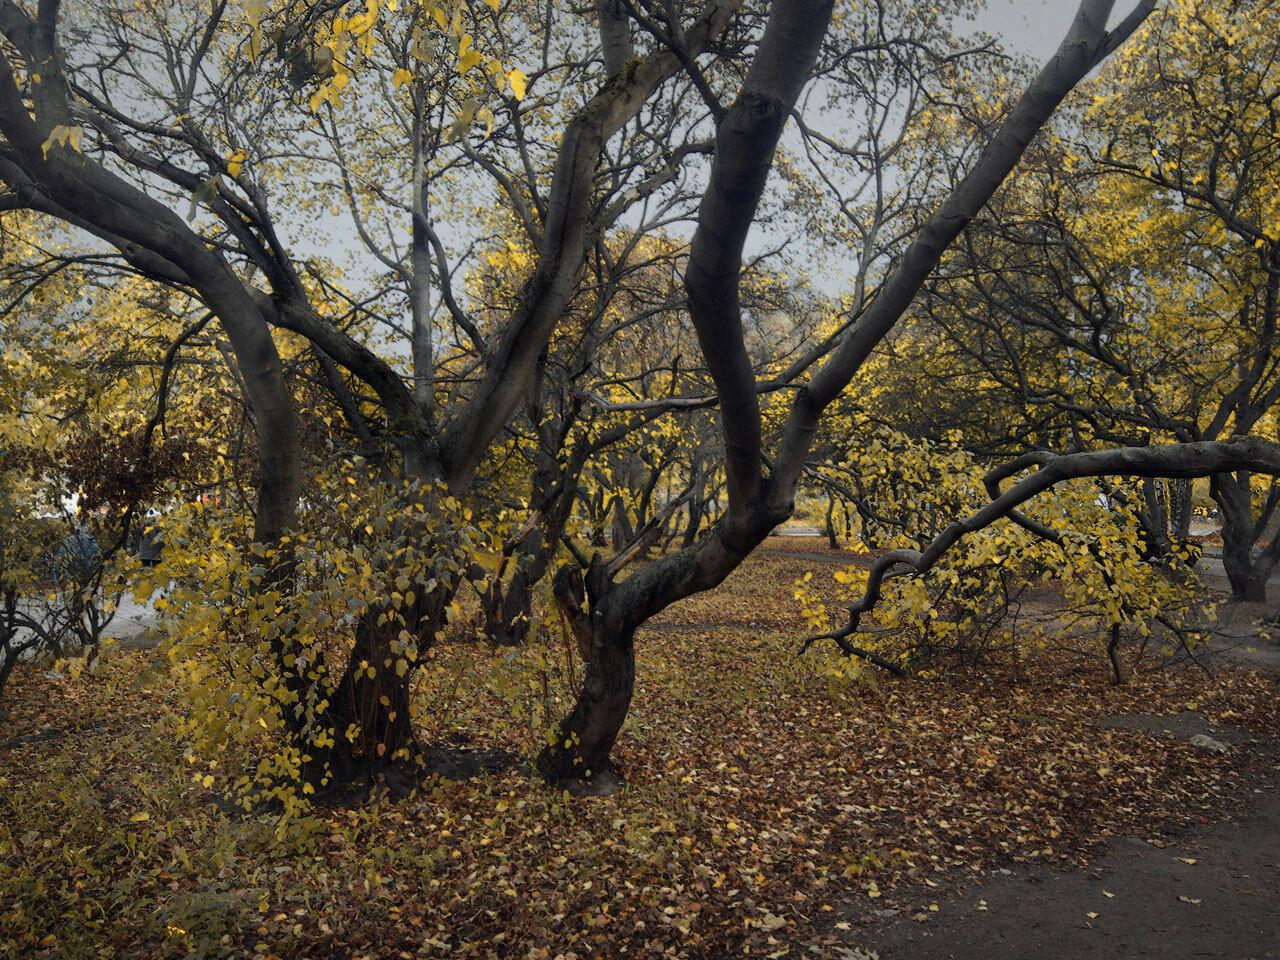 Золотая осень. Автор фото: Юрий Семенов